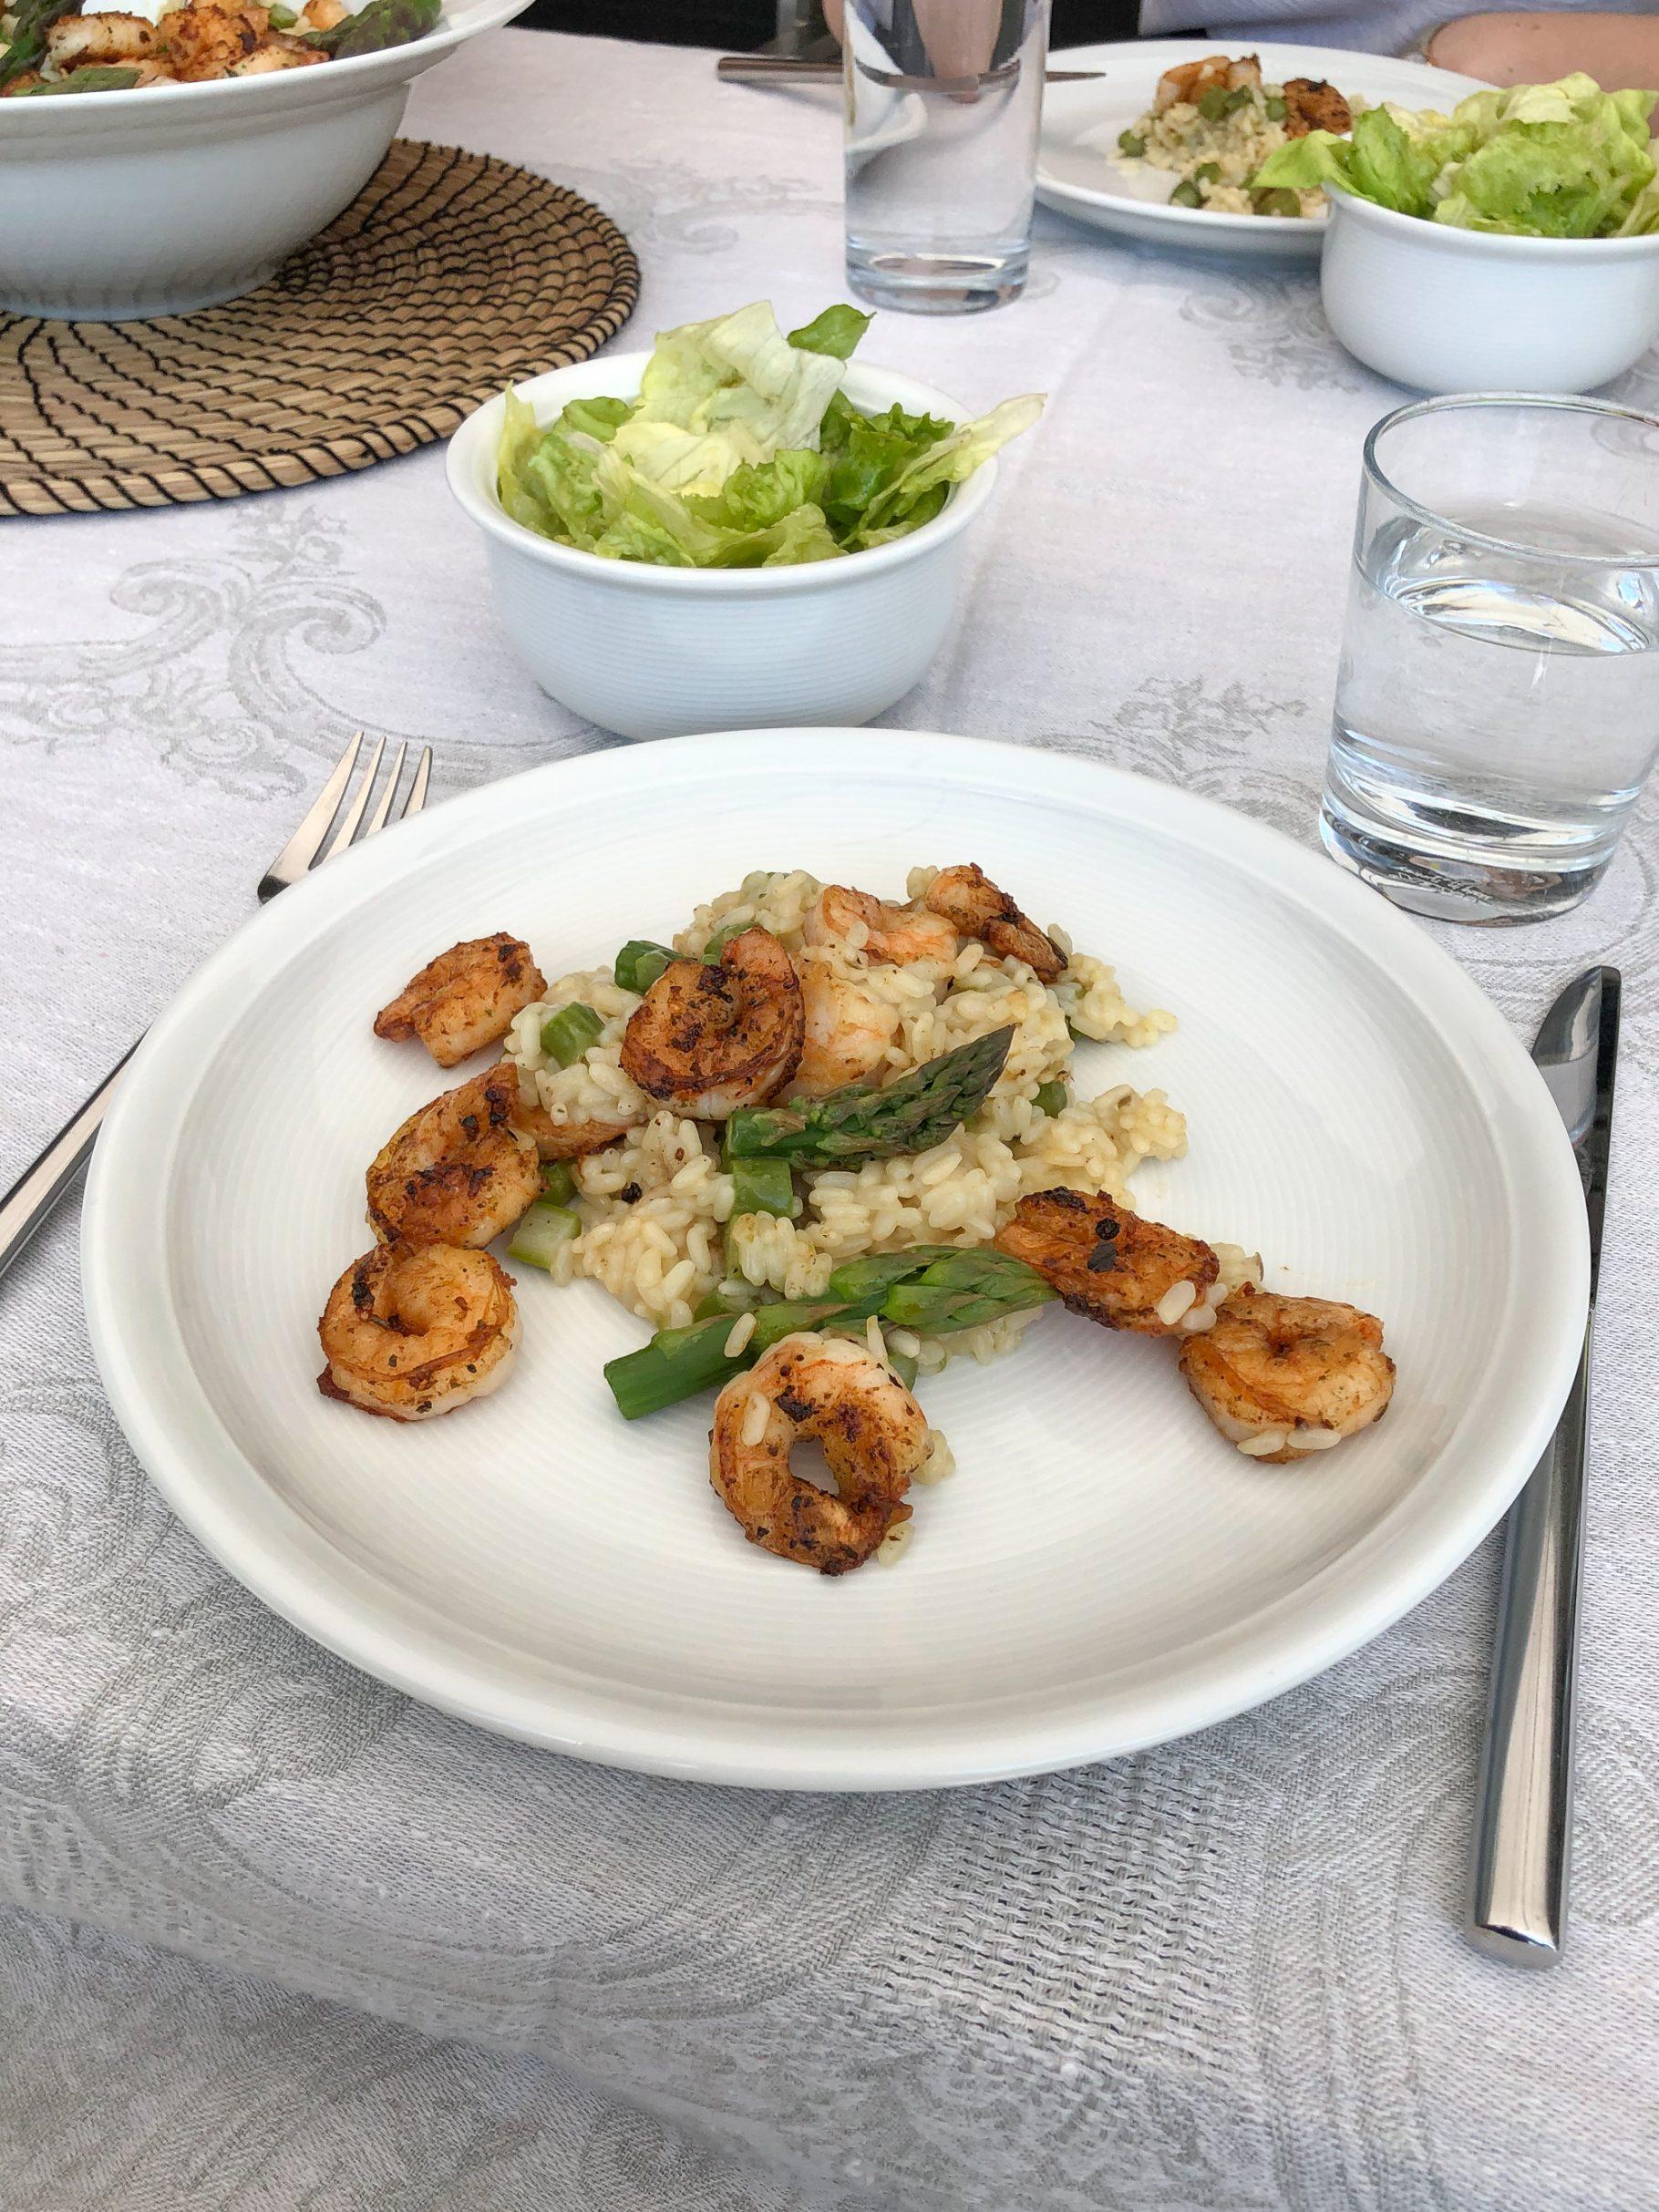 Meine intuitive Ernährungsweise auf dem österreichischen Lifestyle Blog Bits and Bobs by Eva. Mehr Food-Posts auf www.bitsandbobsbyeva.com